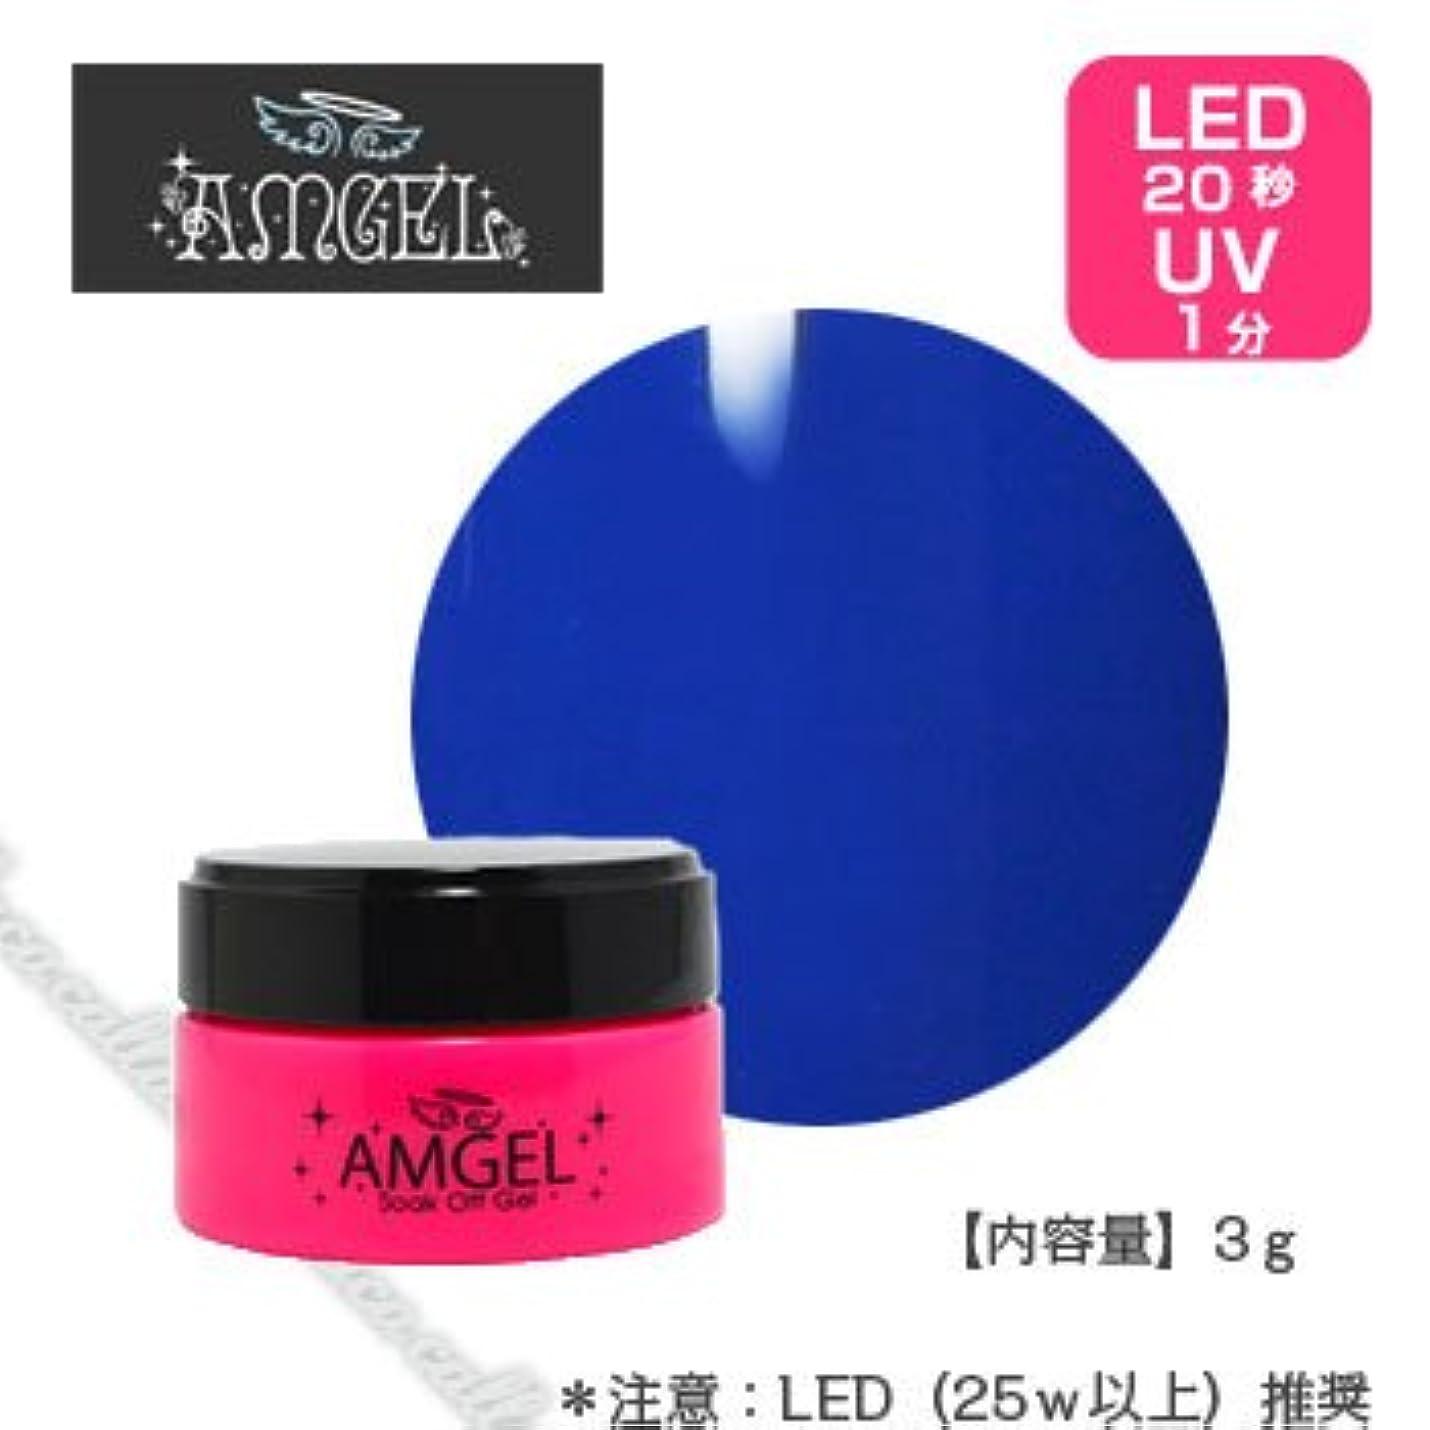 フォロー否認する上昇アンジェル( AMGEL)  カラージェル   AL8M ジャンピングブルー 3g